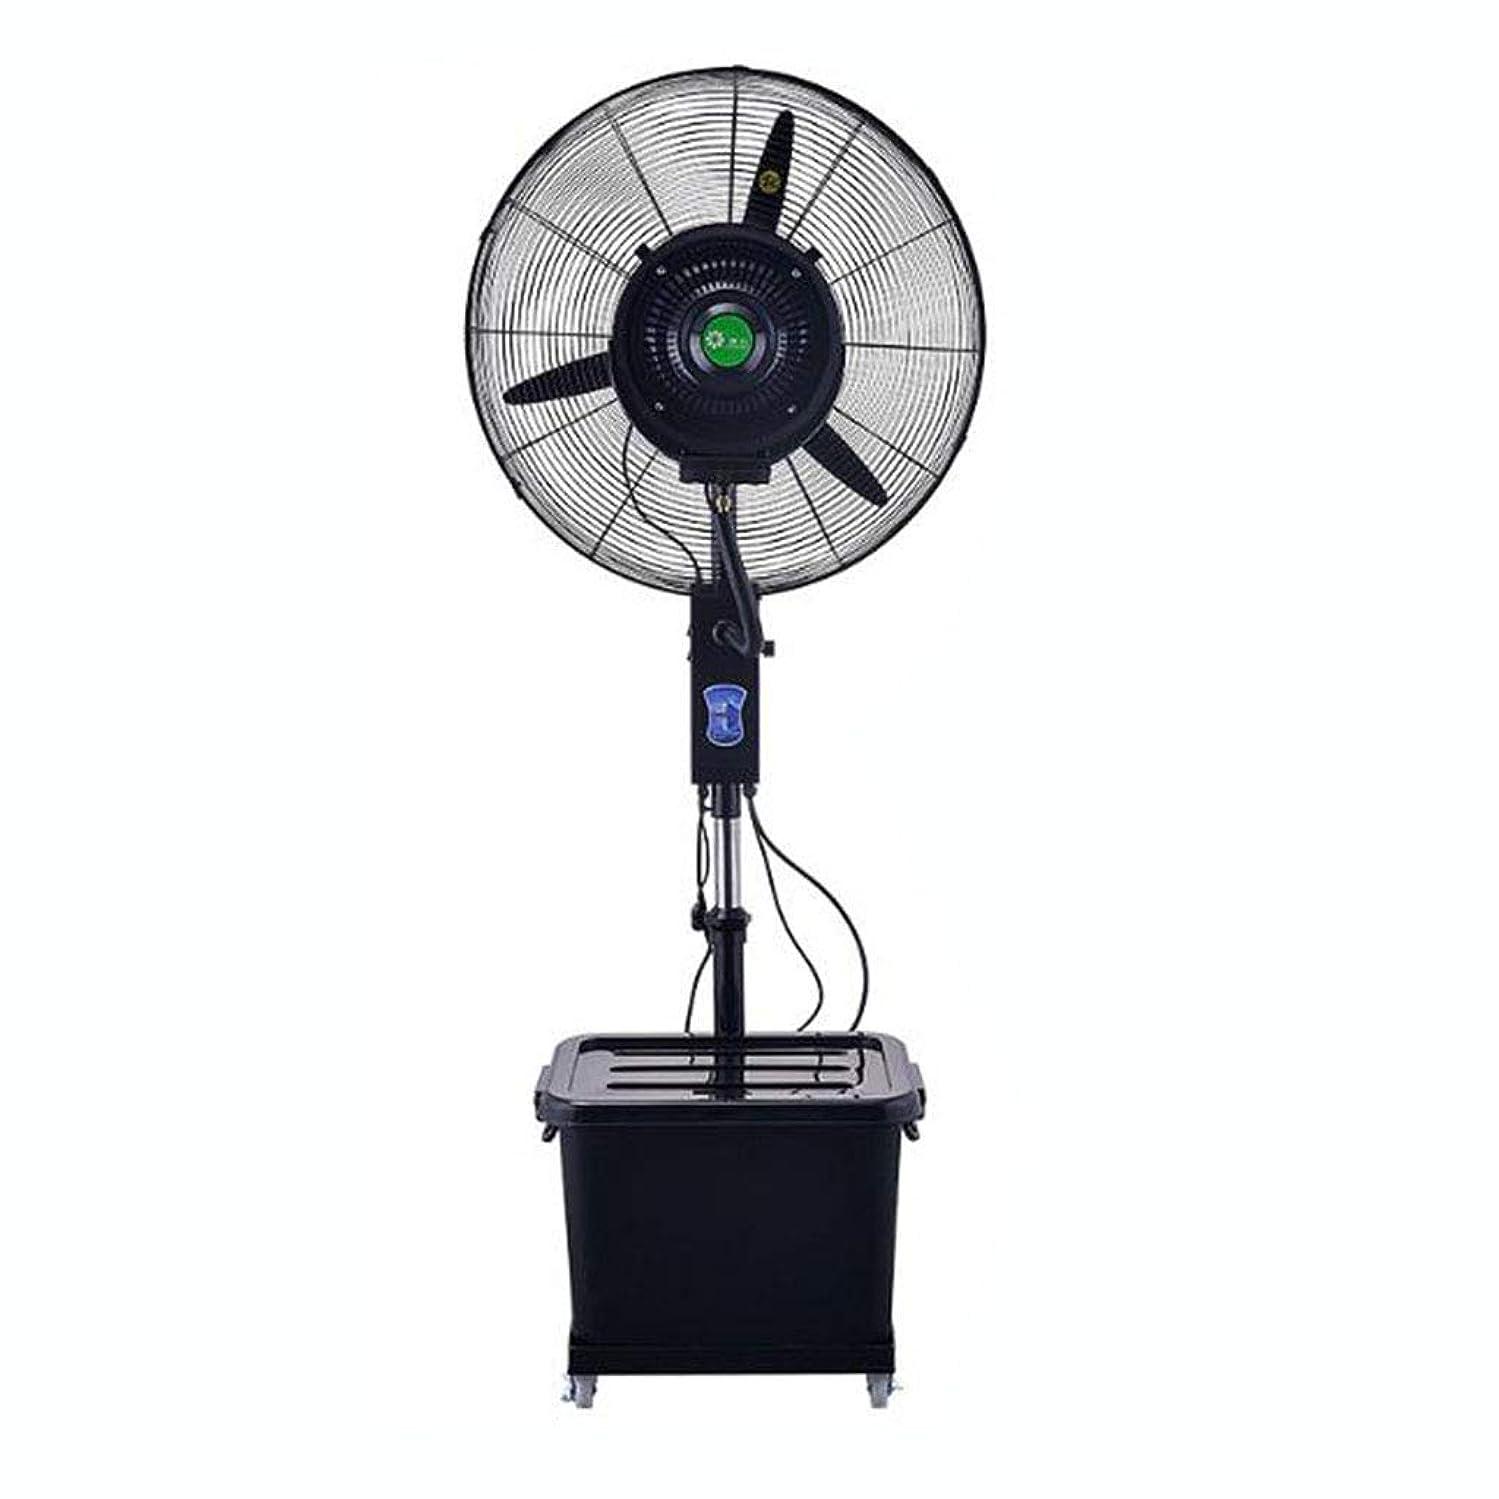 マイク起きる外交官エアコンファン スプレー工業用ファン3速エアコン用冷却ファン振動式フロアスタンドファン - ペデスタルファン、調節可能63-71インチ高さ/固定、屋内(サイズ:750MM)